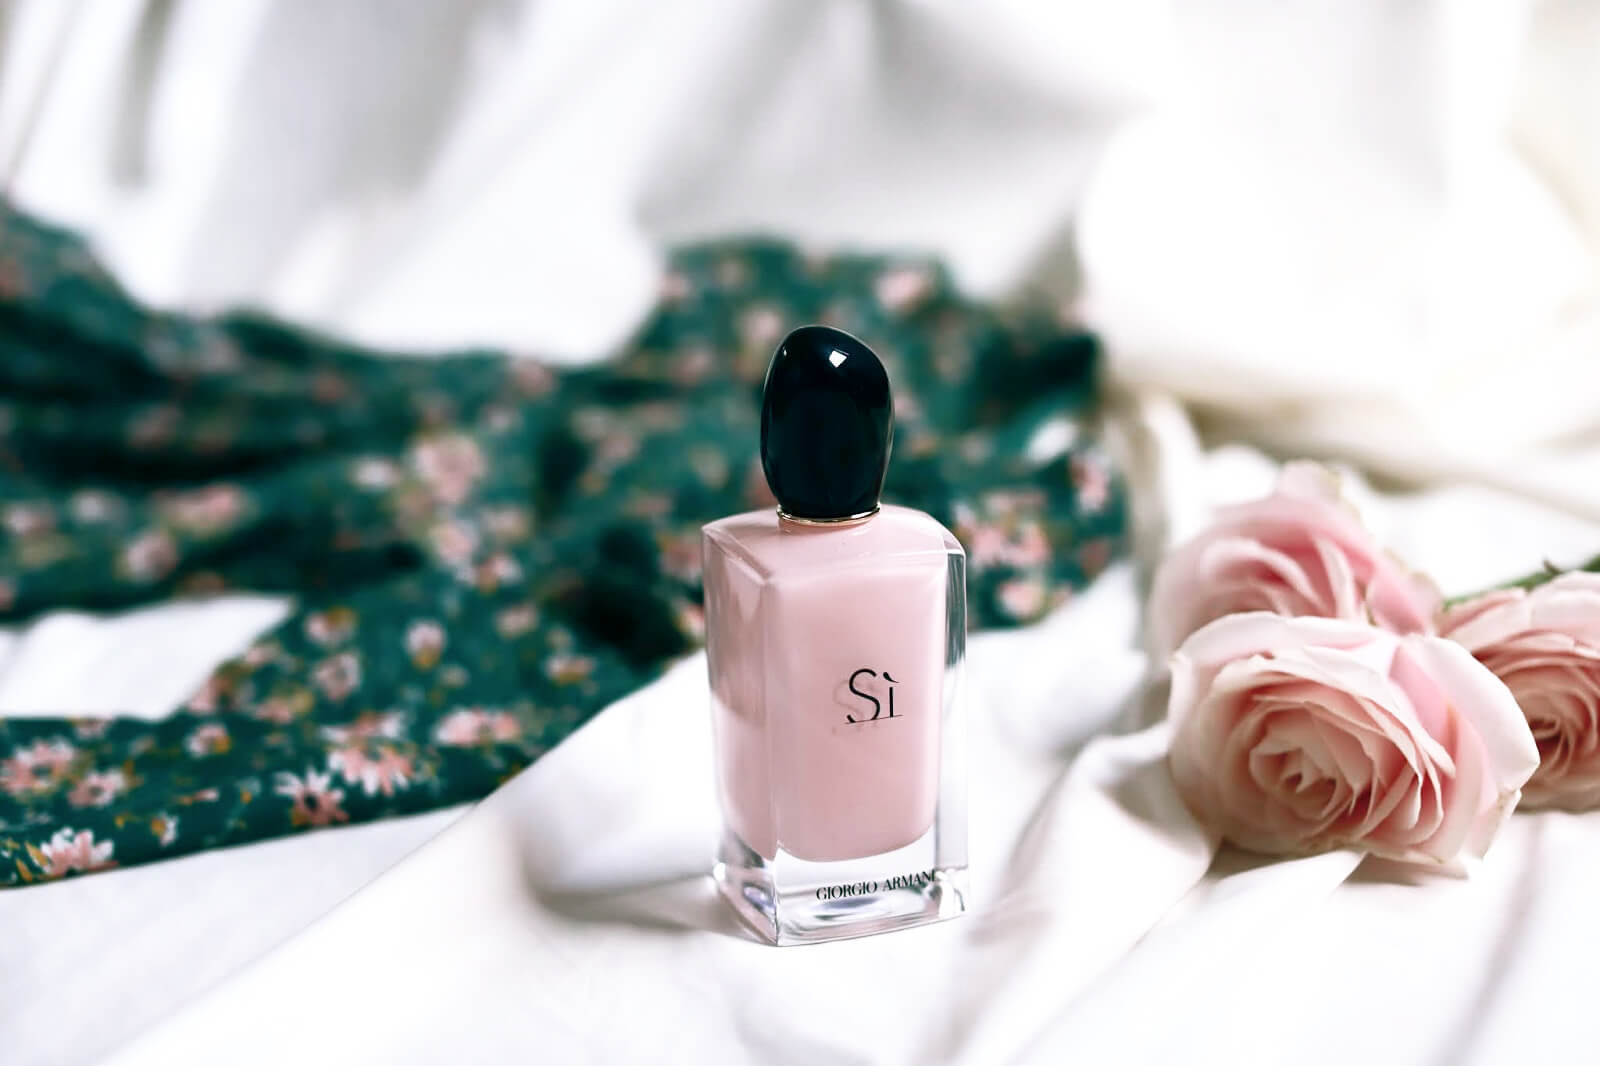 BeautyKleo Si FioriNouveau D'armani Fruité Beauté Floral nP8k0wXNOZ